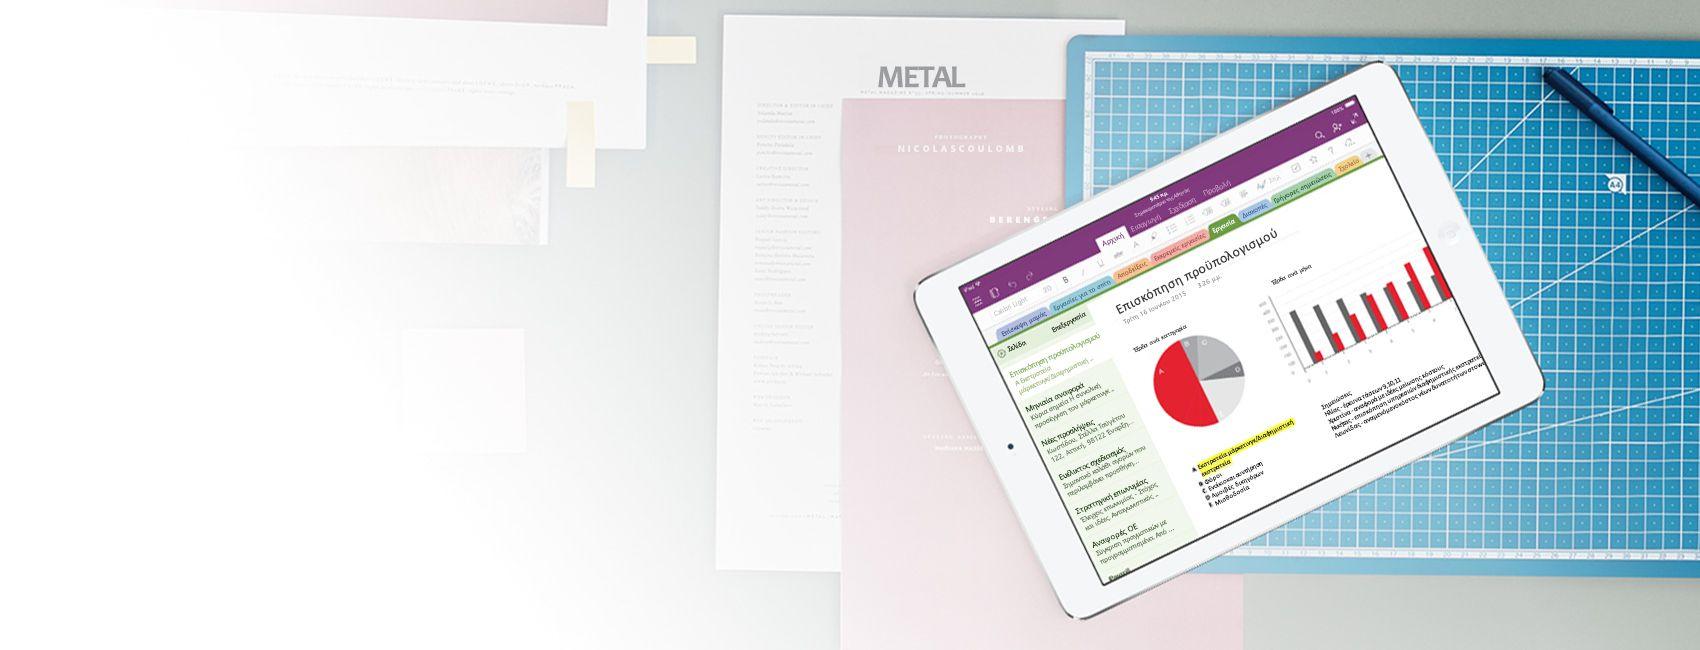 Ένα iPad που εμφανίζει ένα σημειωματάριο του OneNote με διαγράμματα και γραφήματα επισκόπησης προϋπολογισμού